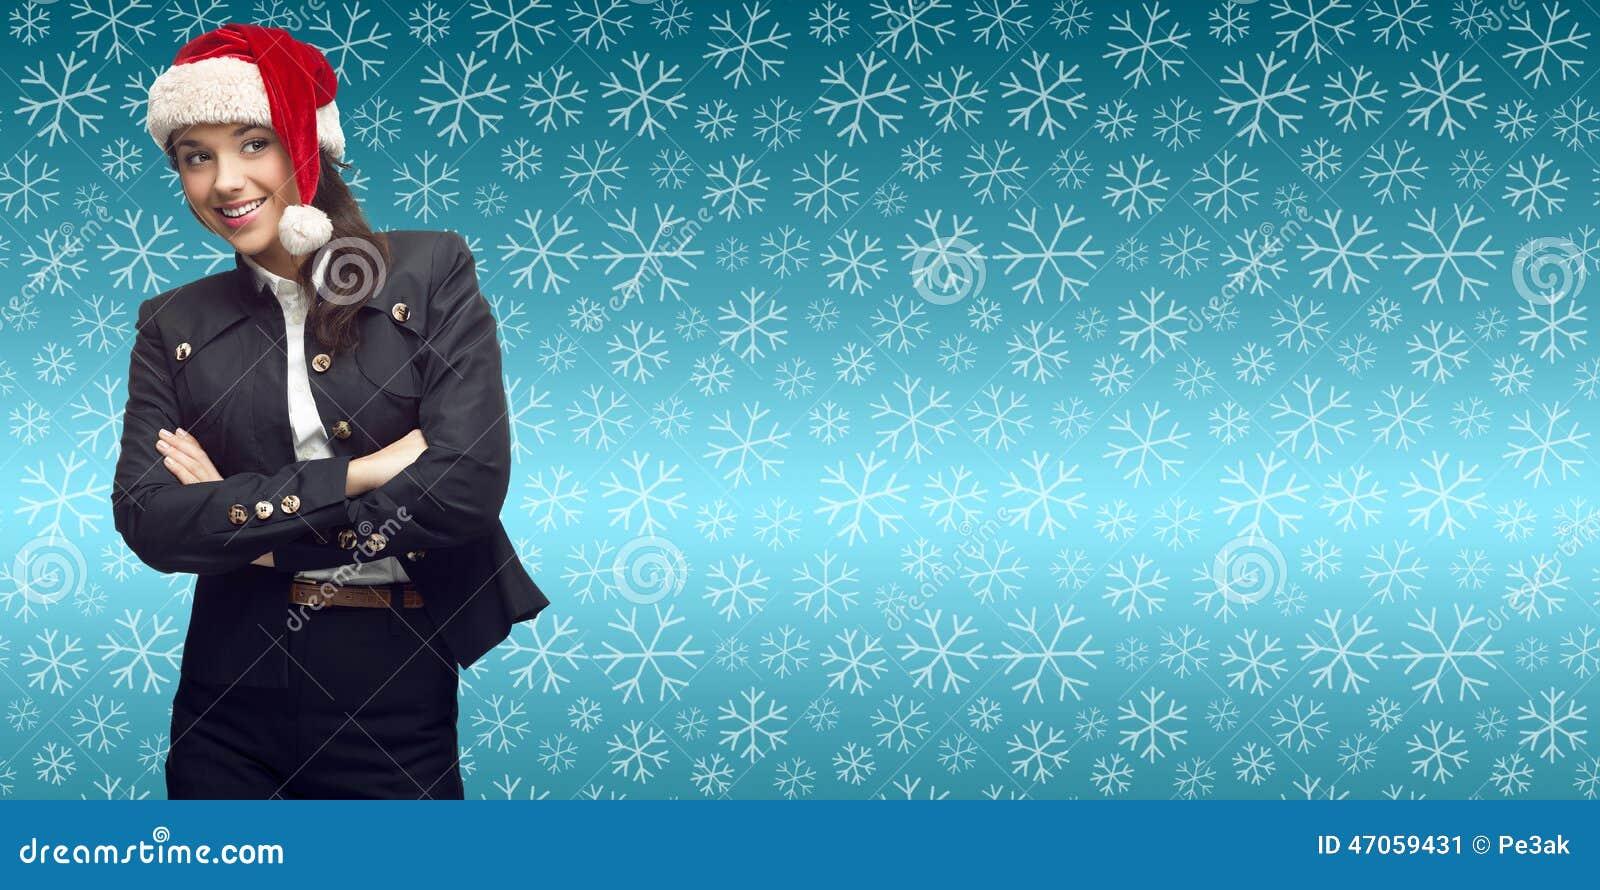 站立在冬天雪花背景的圣诞老人帽子的微笑的年轻女商人.图片